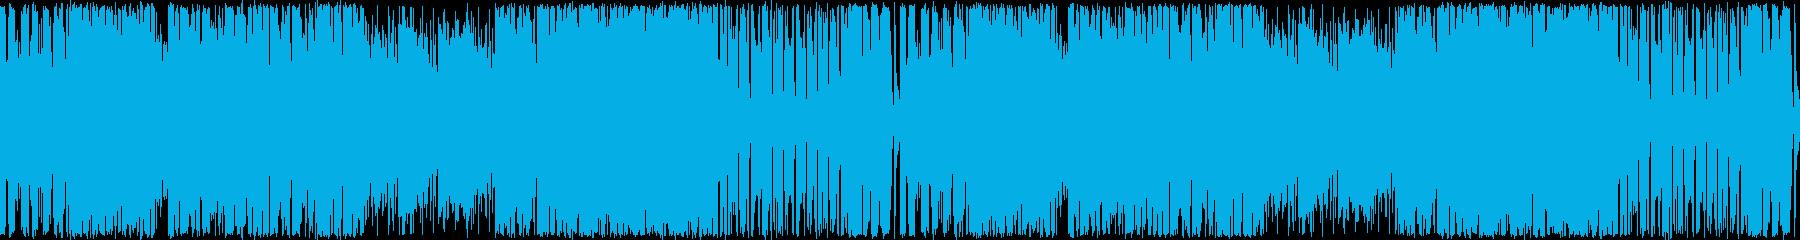 ハイテンションなピコピコシンセ/ループ版の再生済みの波形